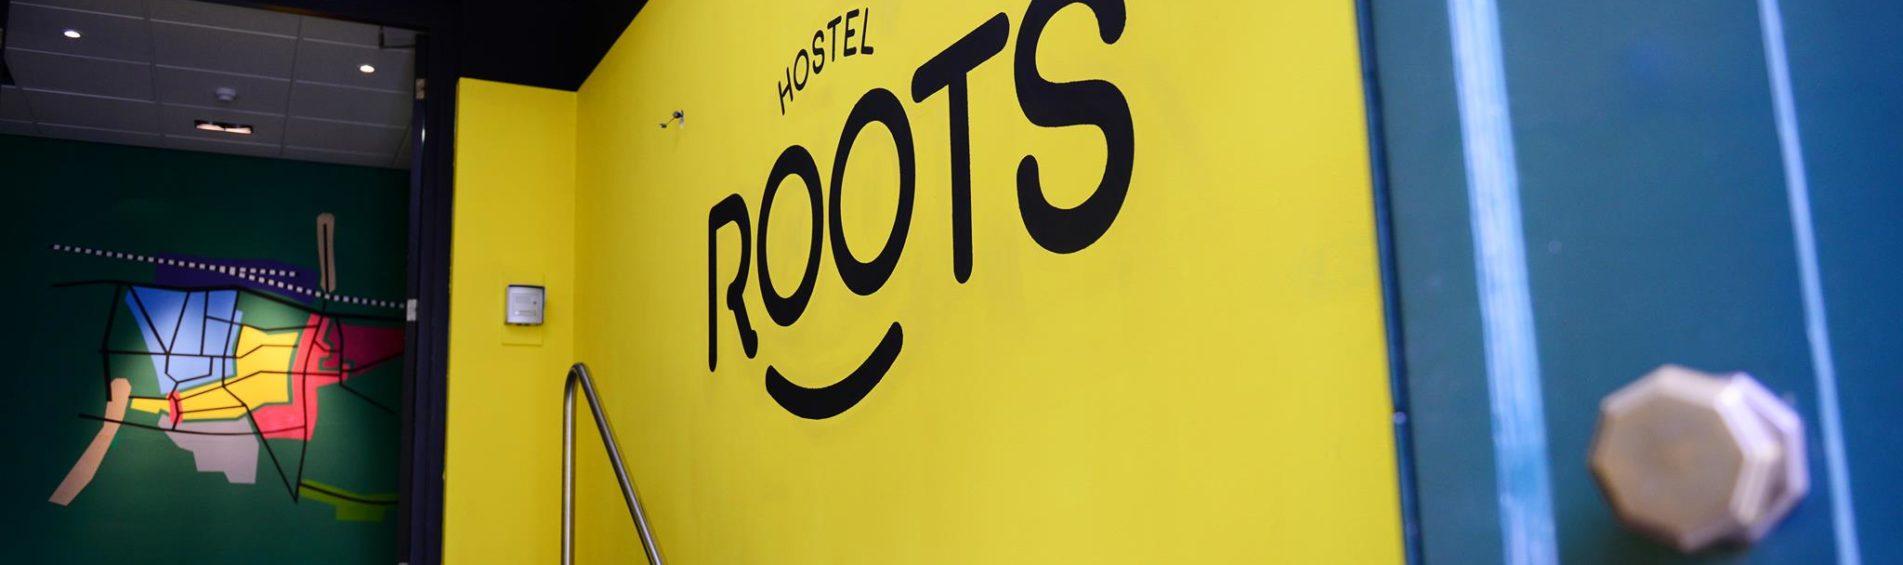 Win een overnachting voor 2 bij Hostel Roots in Tilburg!